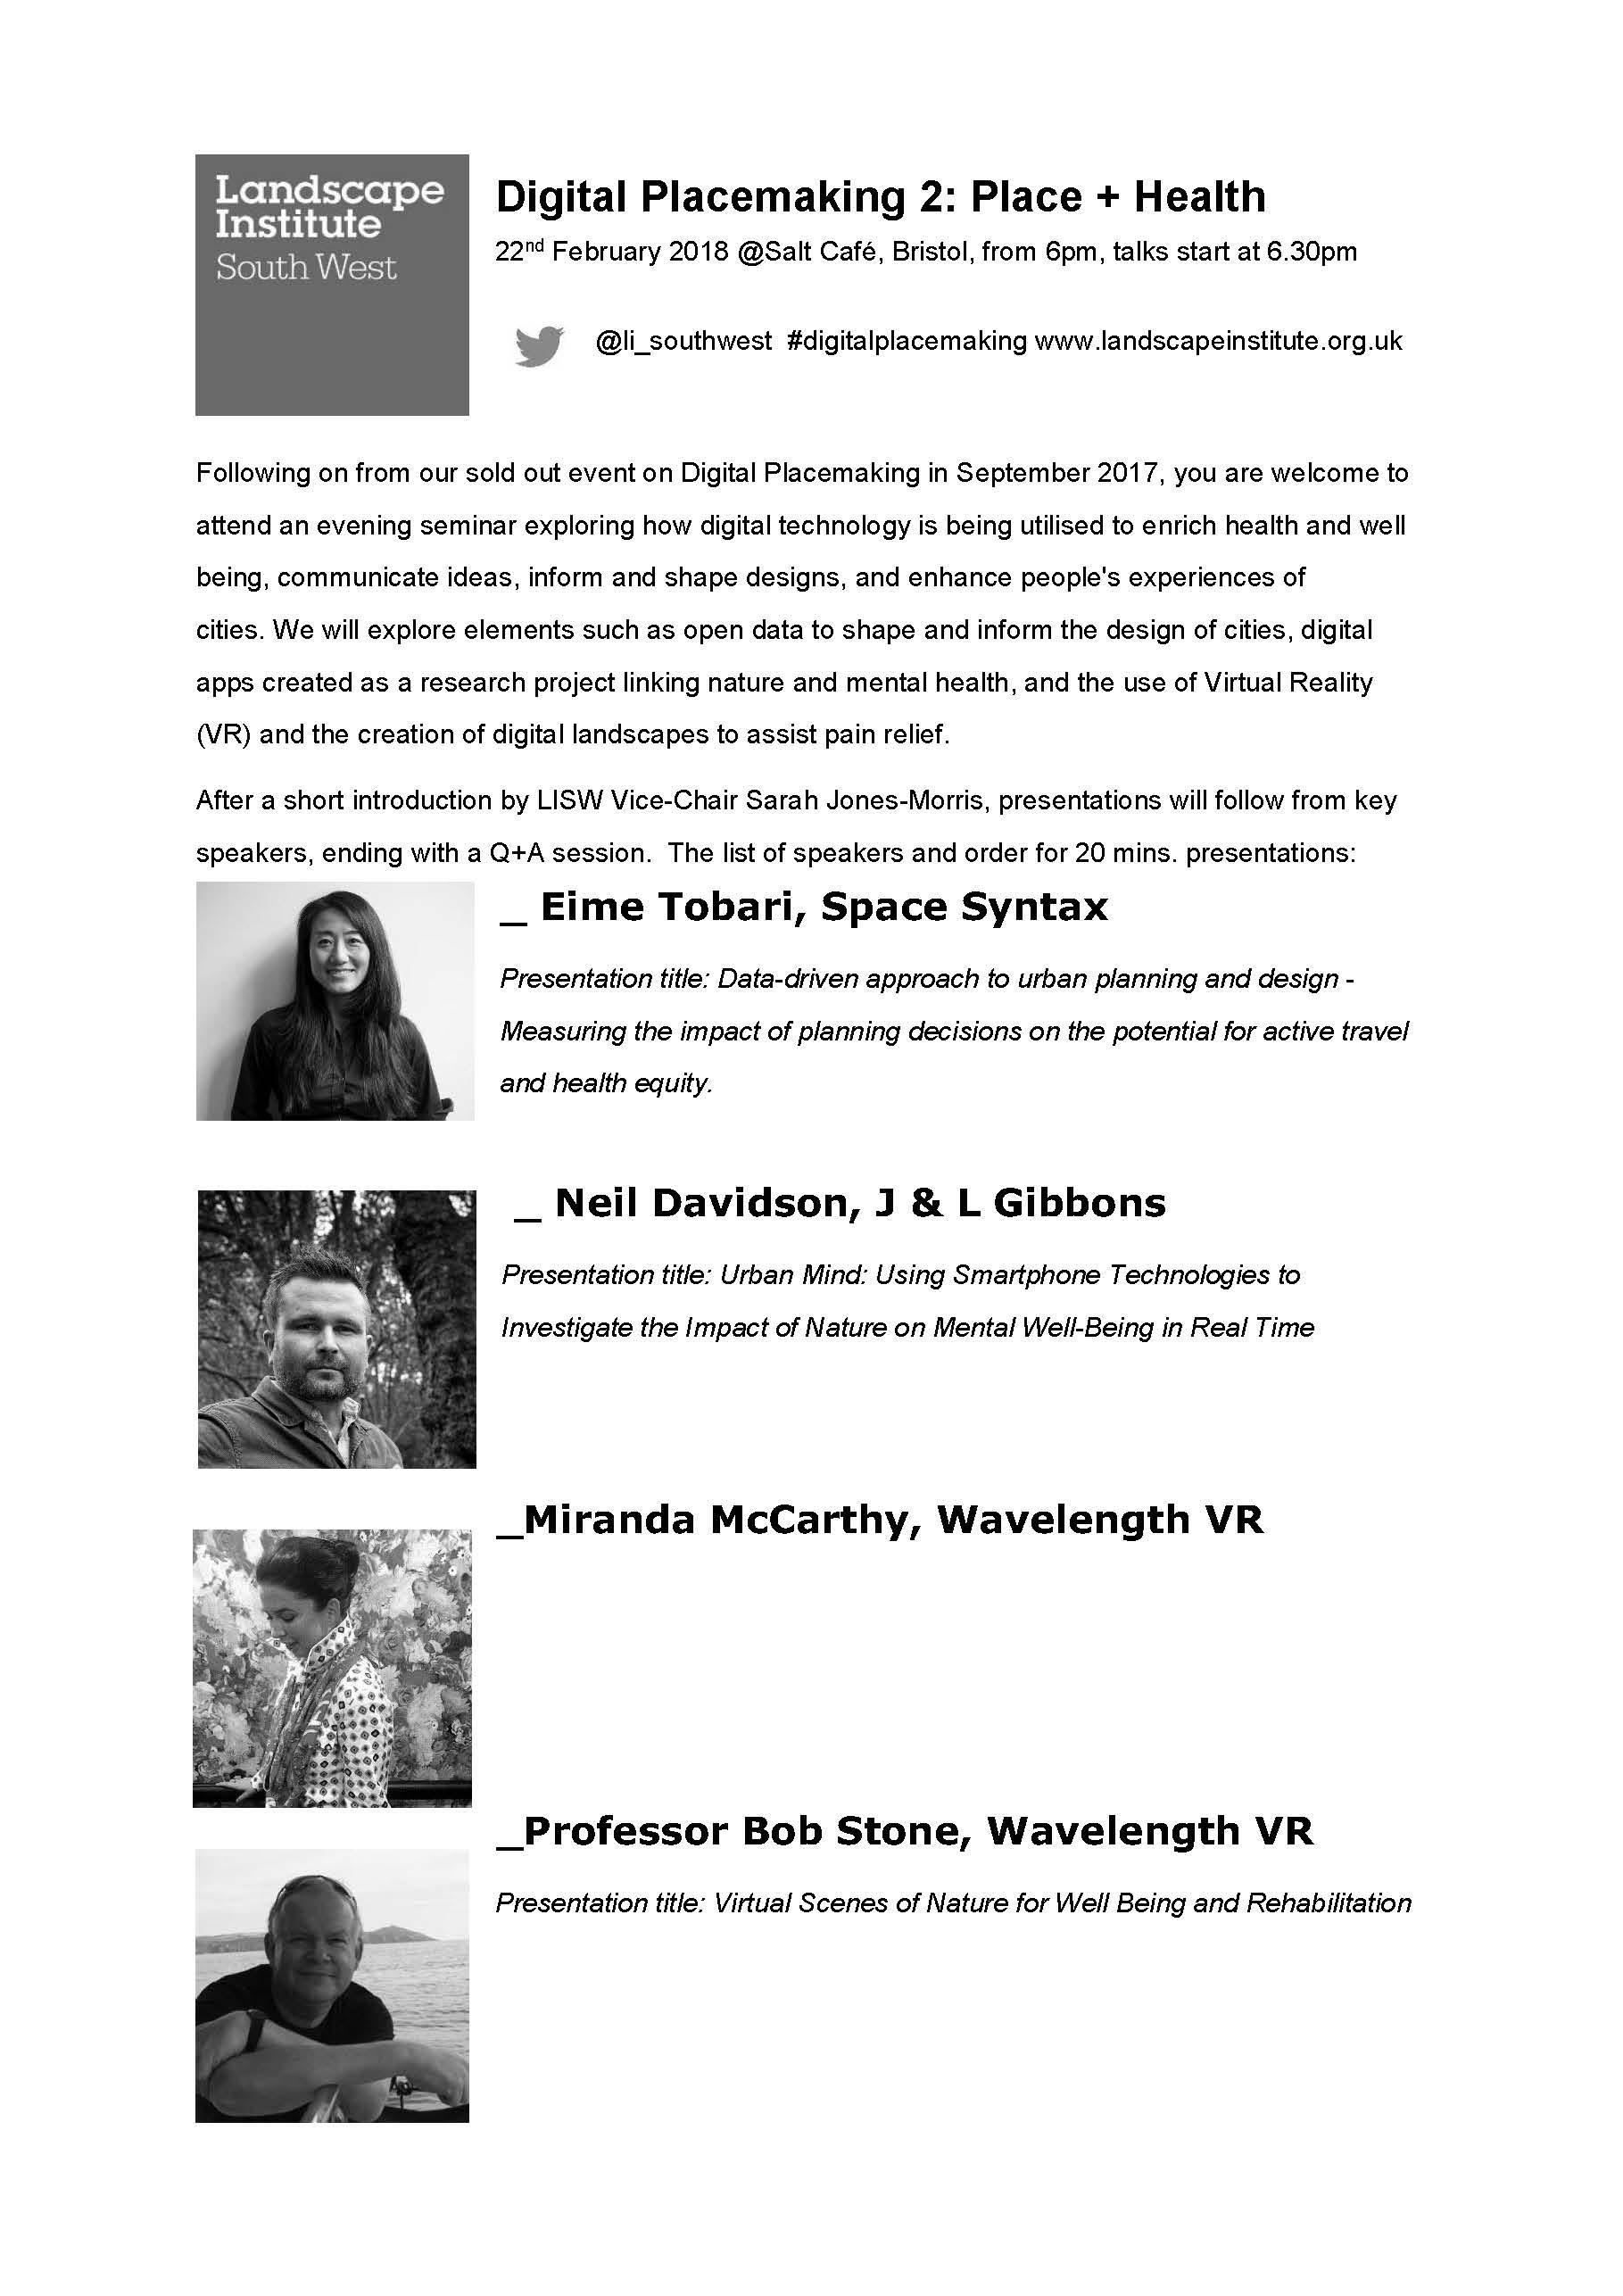 Digital Placemaking_Bio page 1